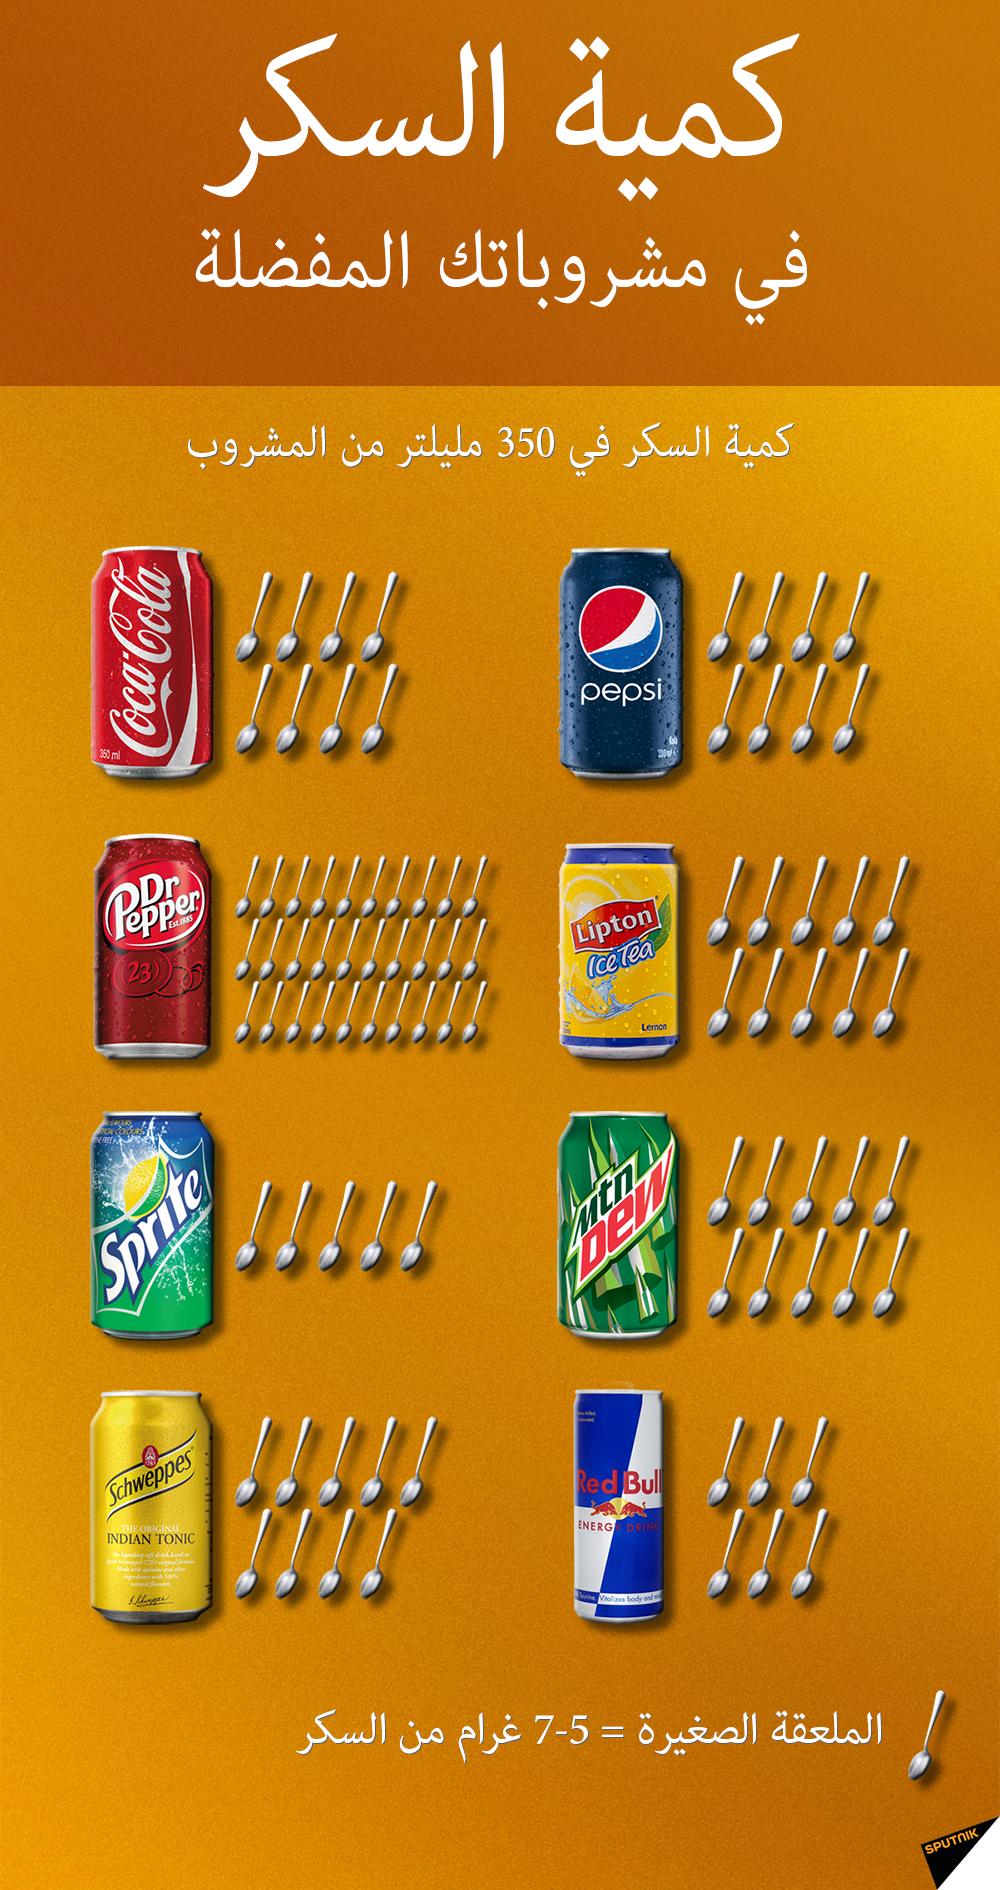 كمية السكر في مشروباتك المفضلة